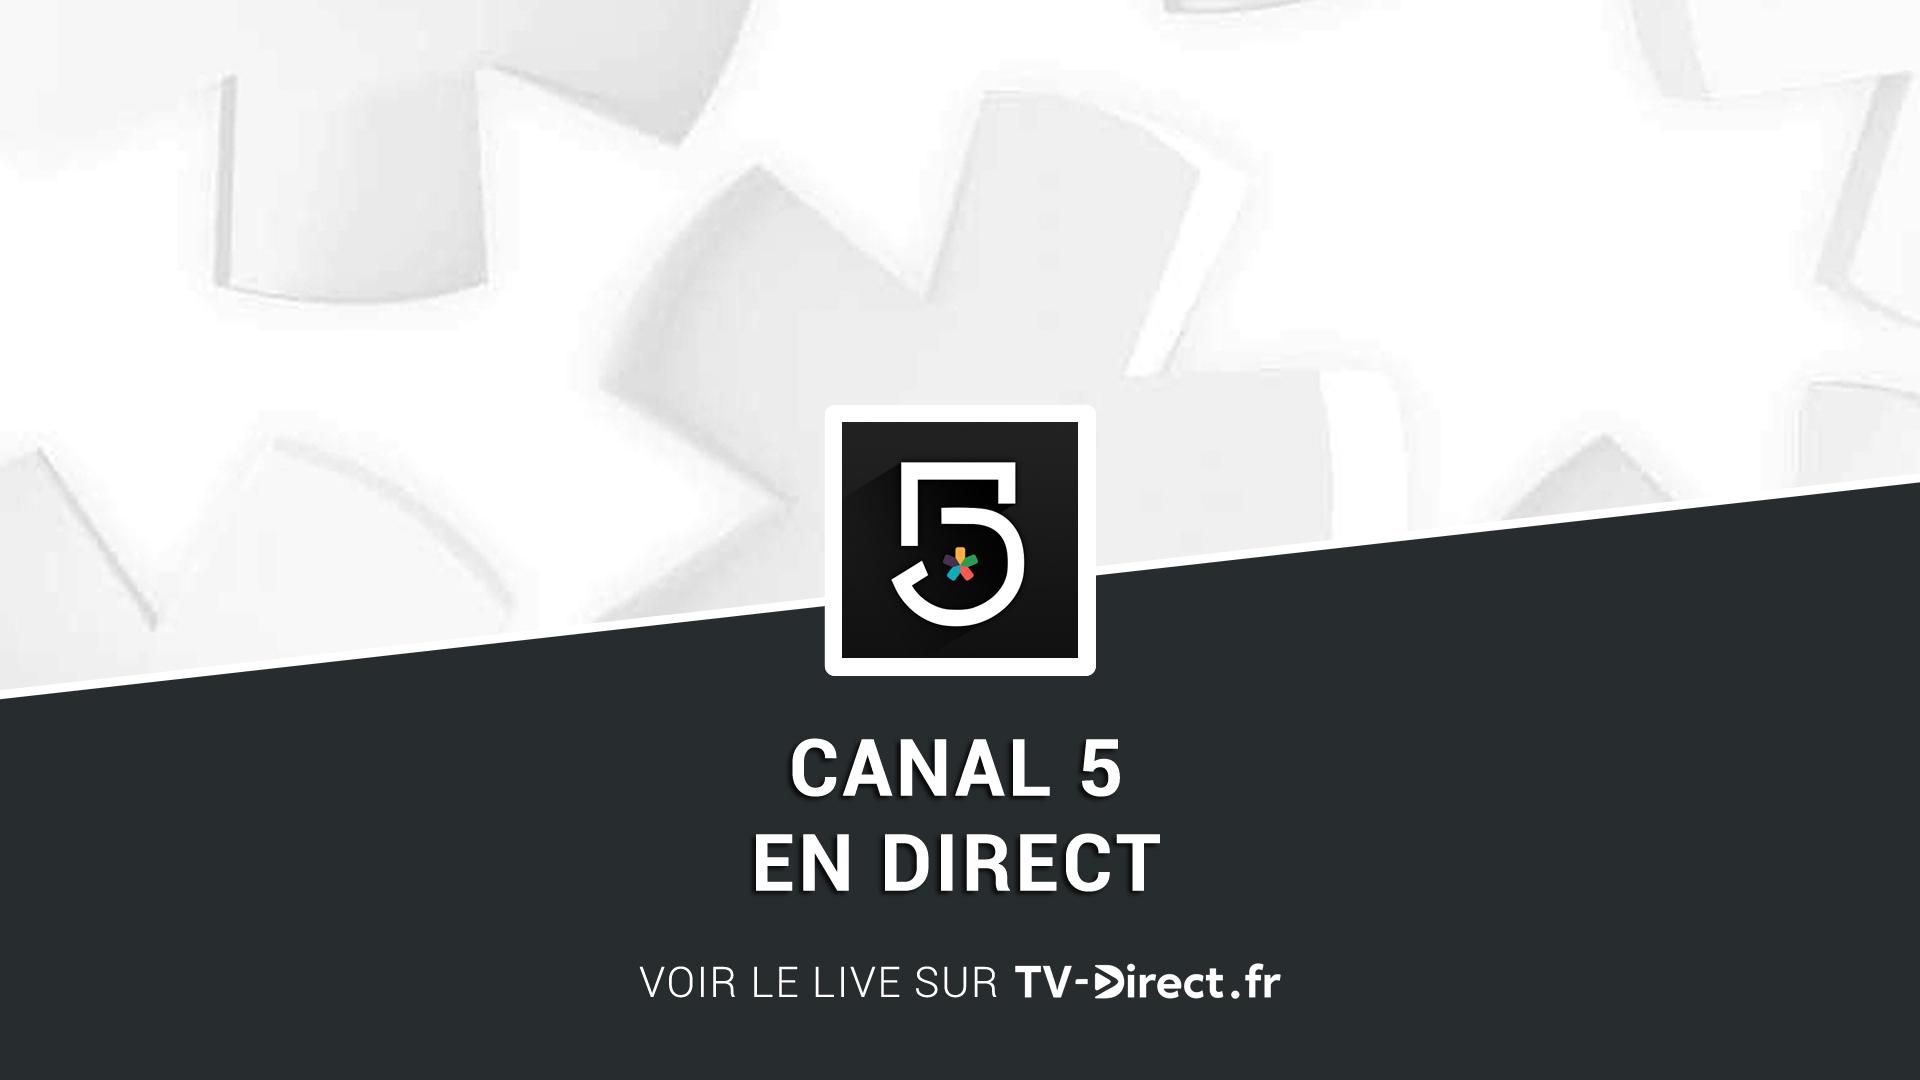 canal 5 direct regarder canal 5 en direct live sur internet. Black Bedroom Furniture Sets. Home Design Ideas